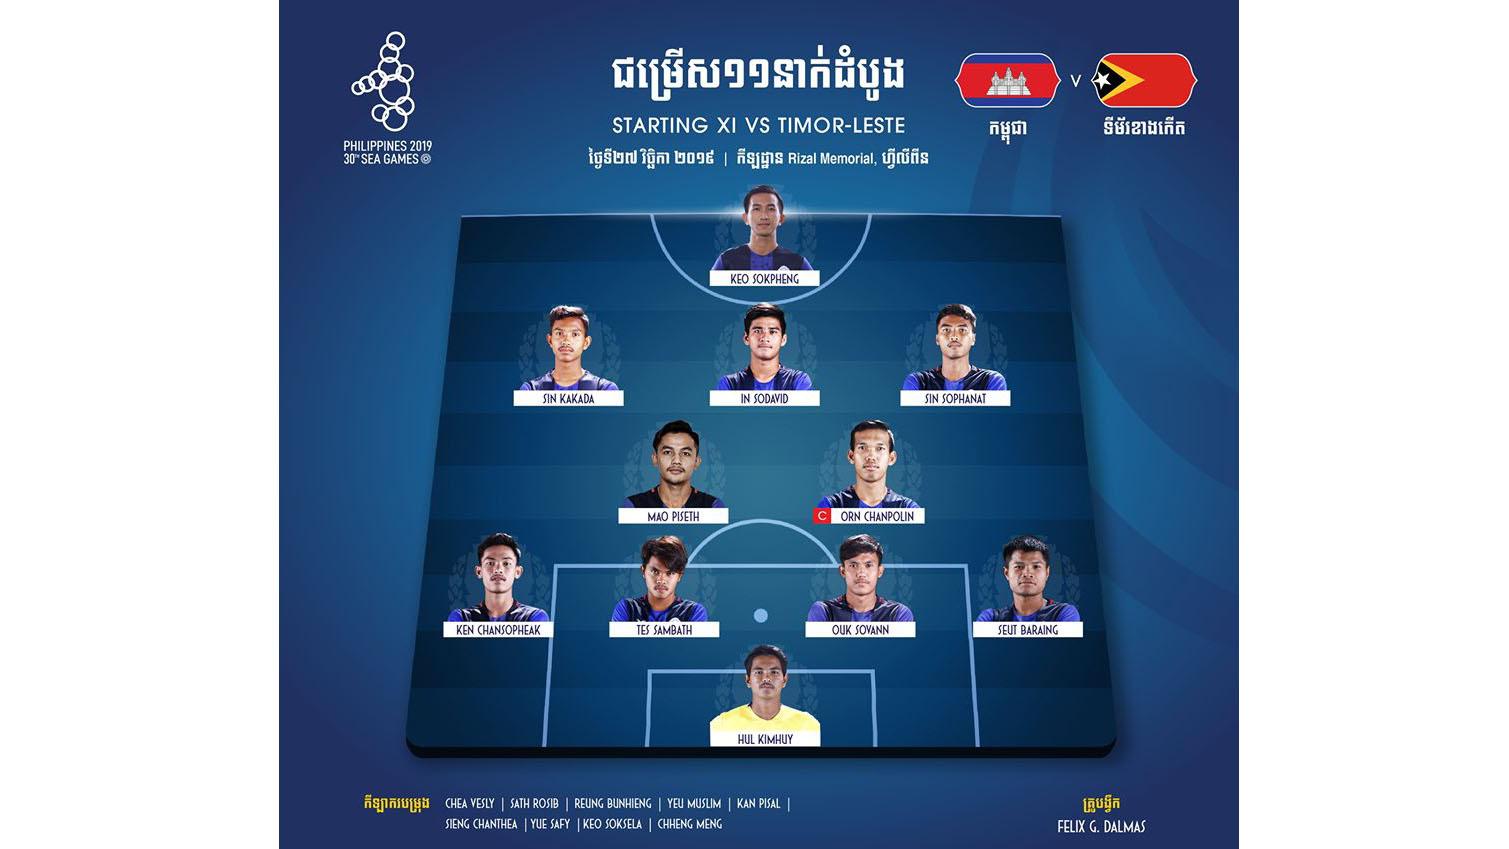 vtv6, truc tiep bong da hôm nay, seagame30, trực tiếp bóng đá, U22 Campuchia vs Đông Timor, xem bong da truc tiep, U22 Campuchia Timor Leste, vtv5, SEA Games 30, xem VTV6